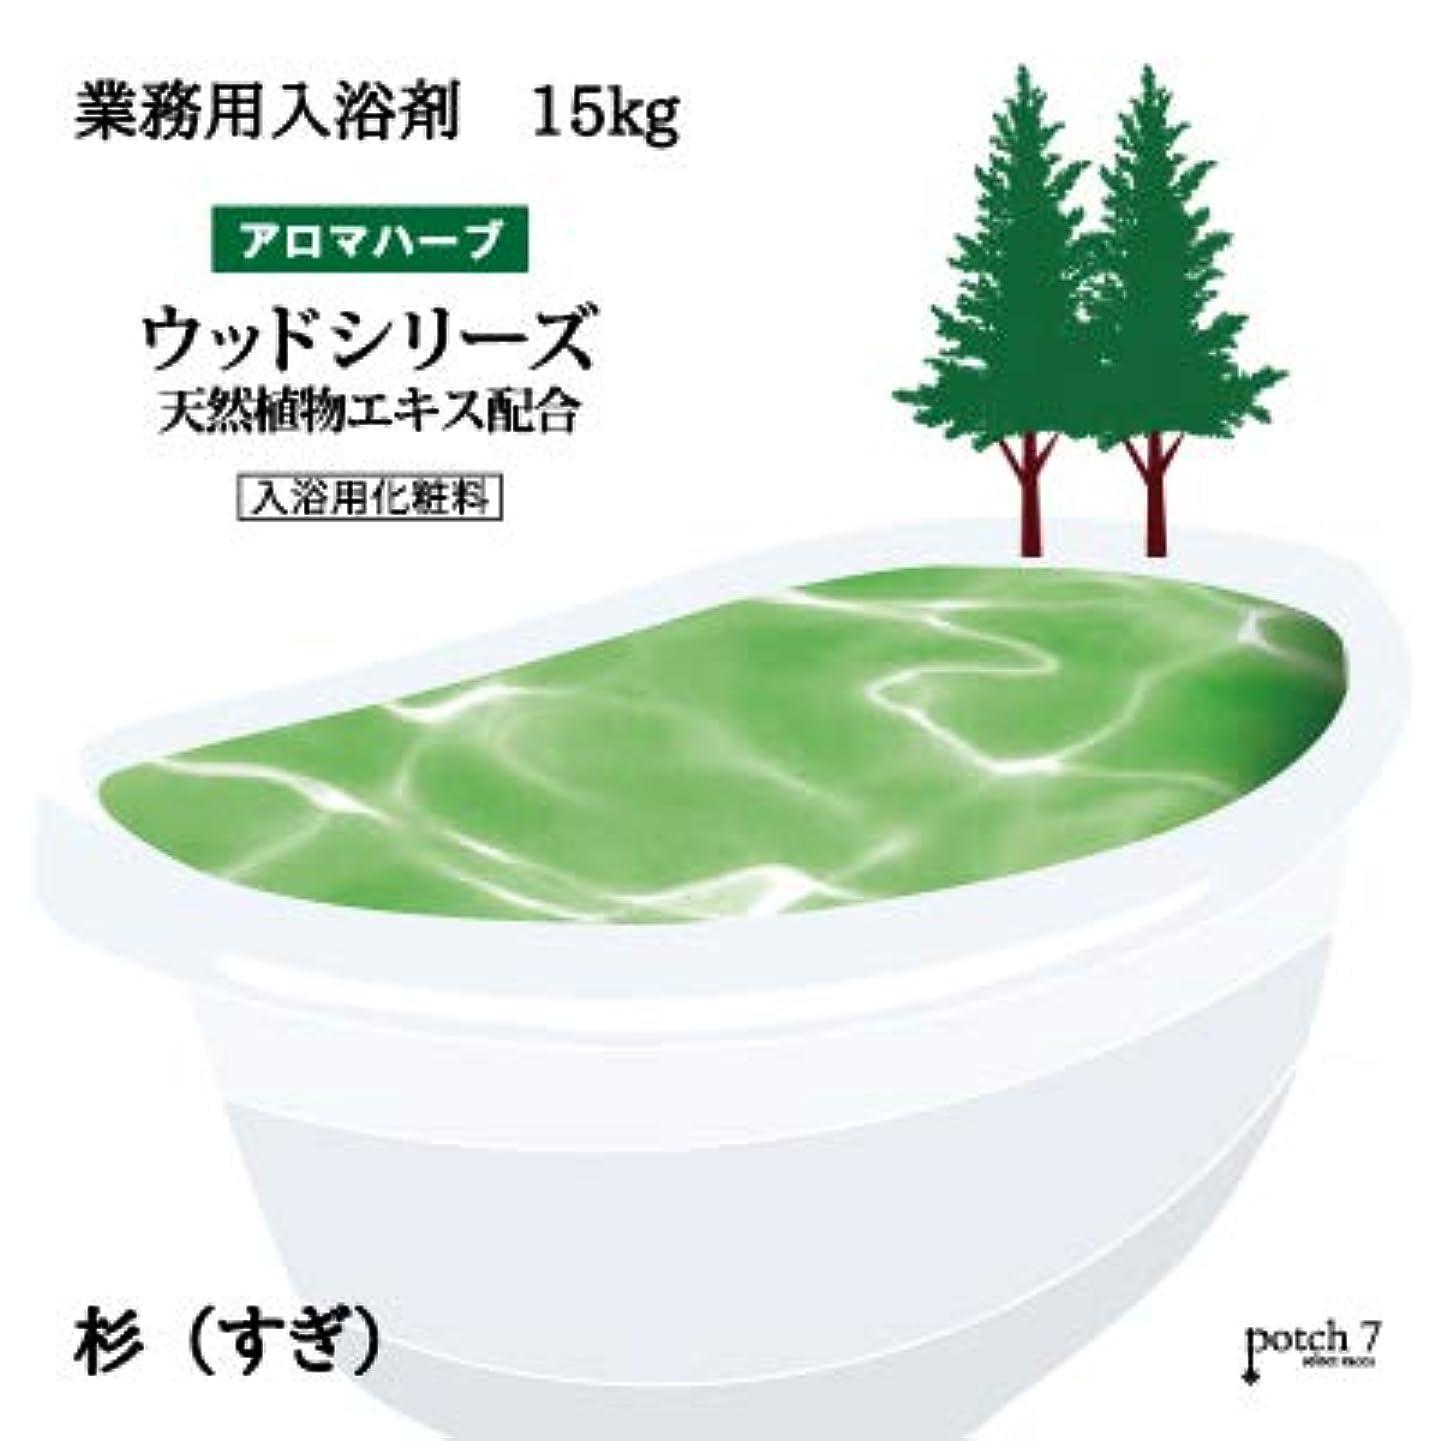 ゆでる義務付けられた監査業務用入浴剤「杉」15Kg(7.5Kgx2袋入)GYM-SG